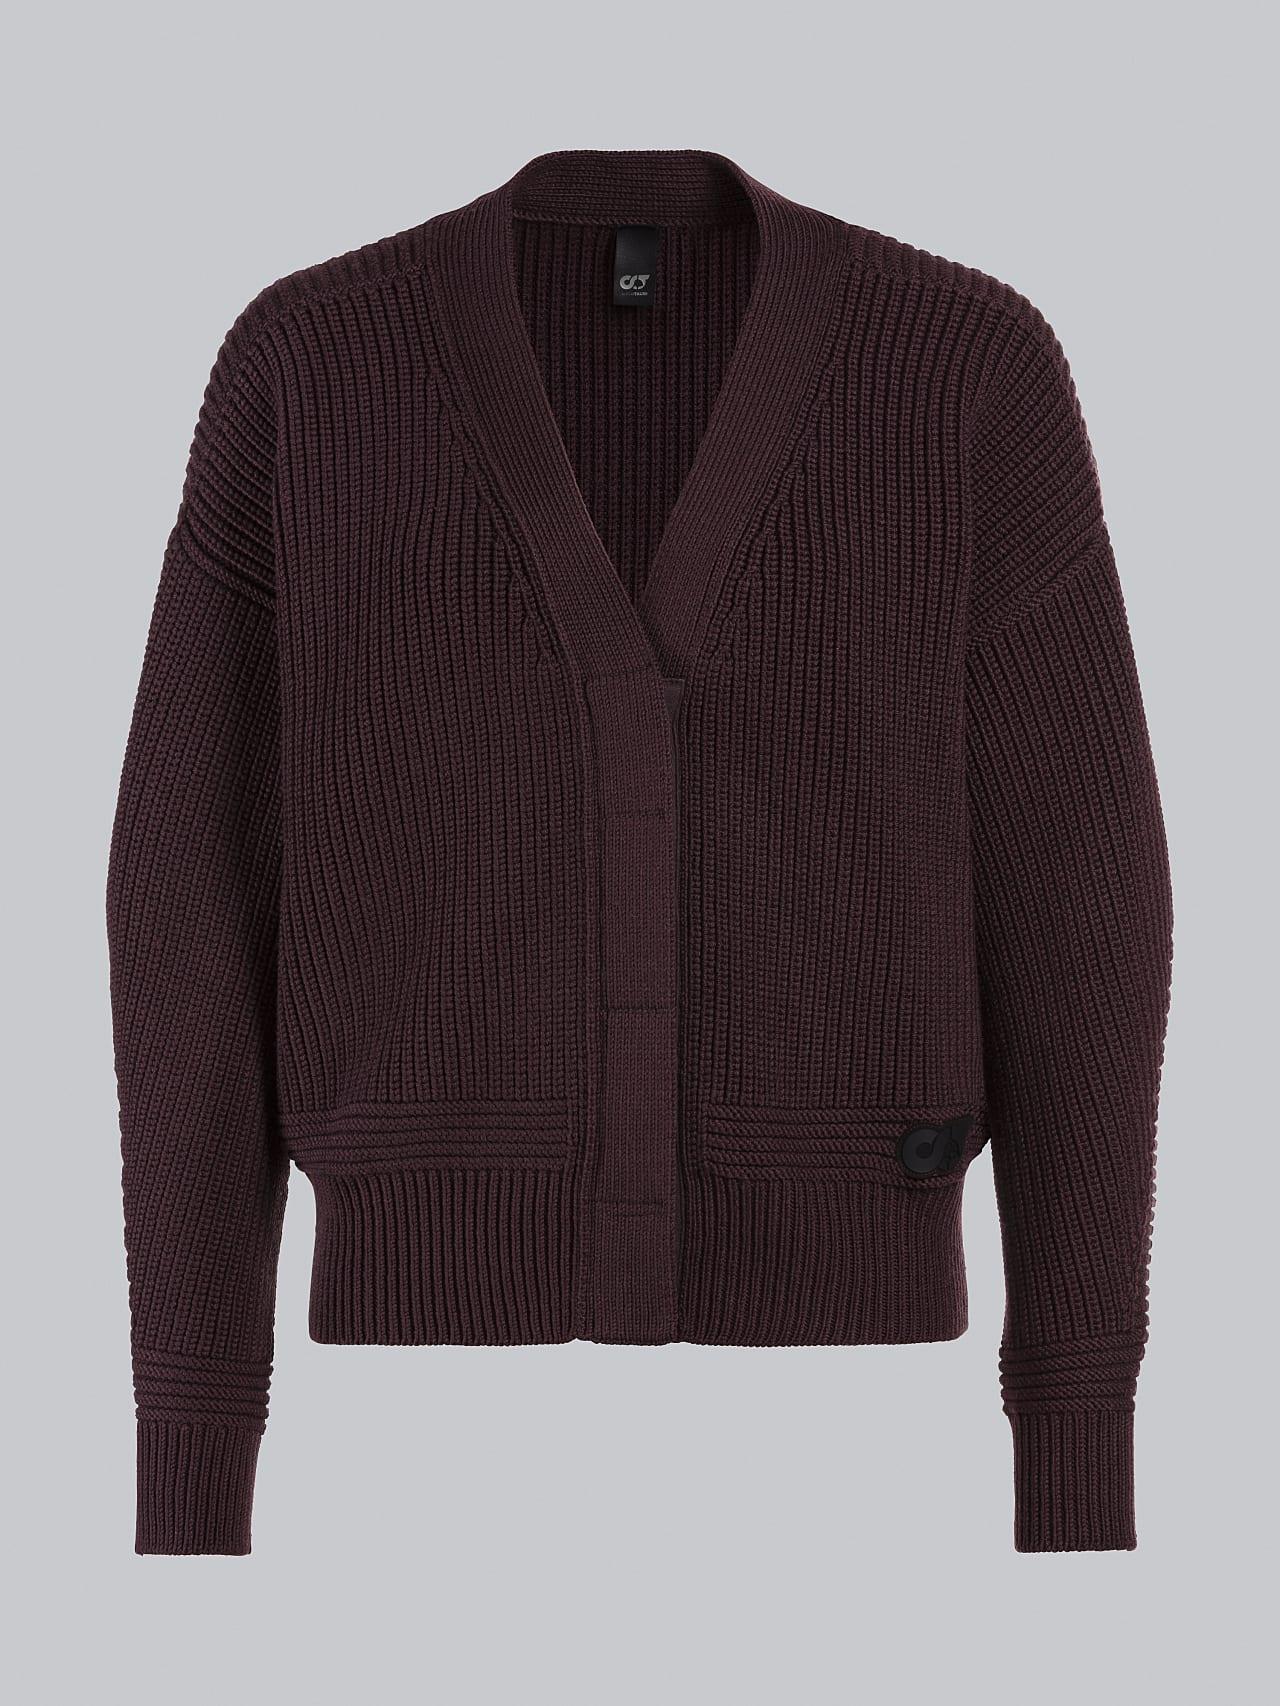 FREDA V1.Y5.02 Chunky Merino Wool Cardigan Burgundy Back Alpha Tauri